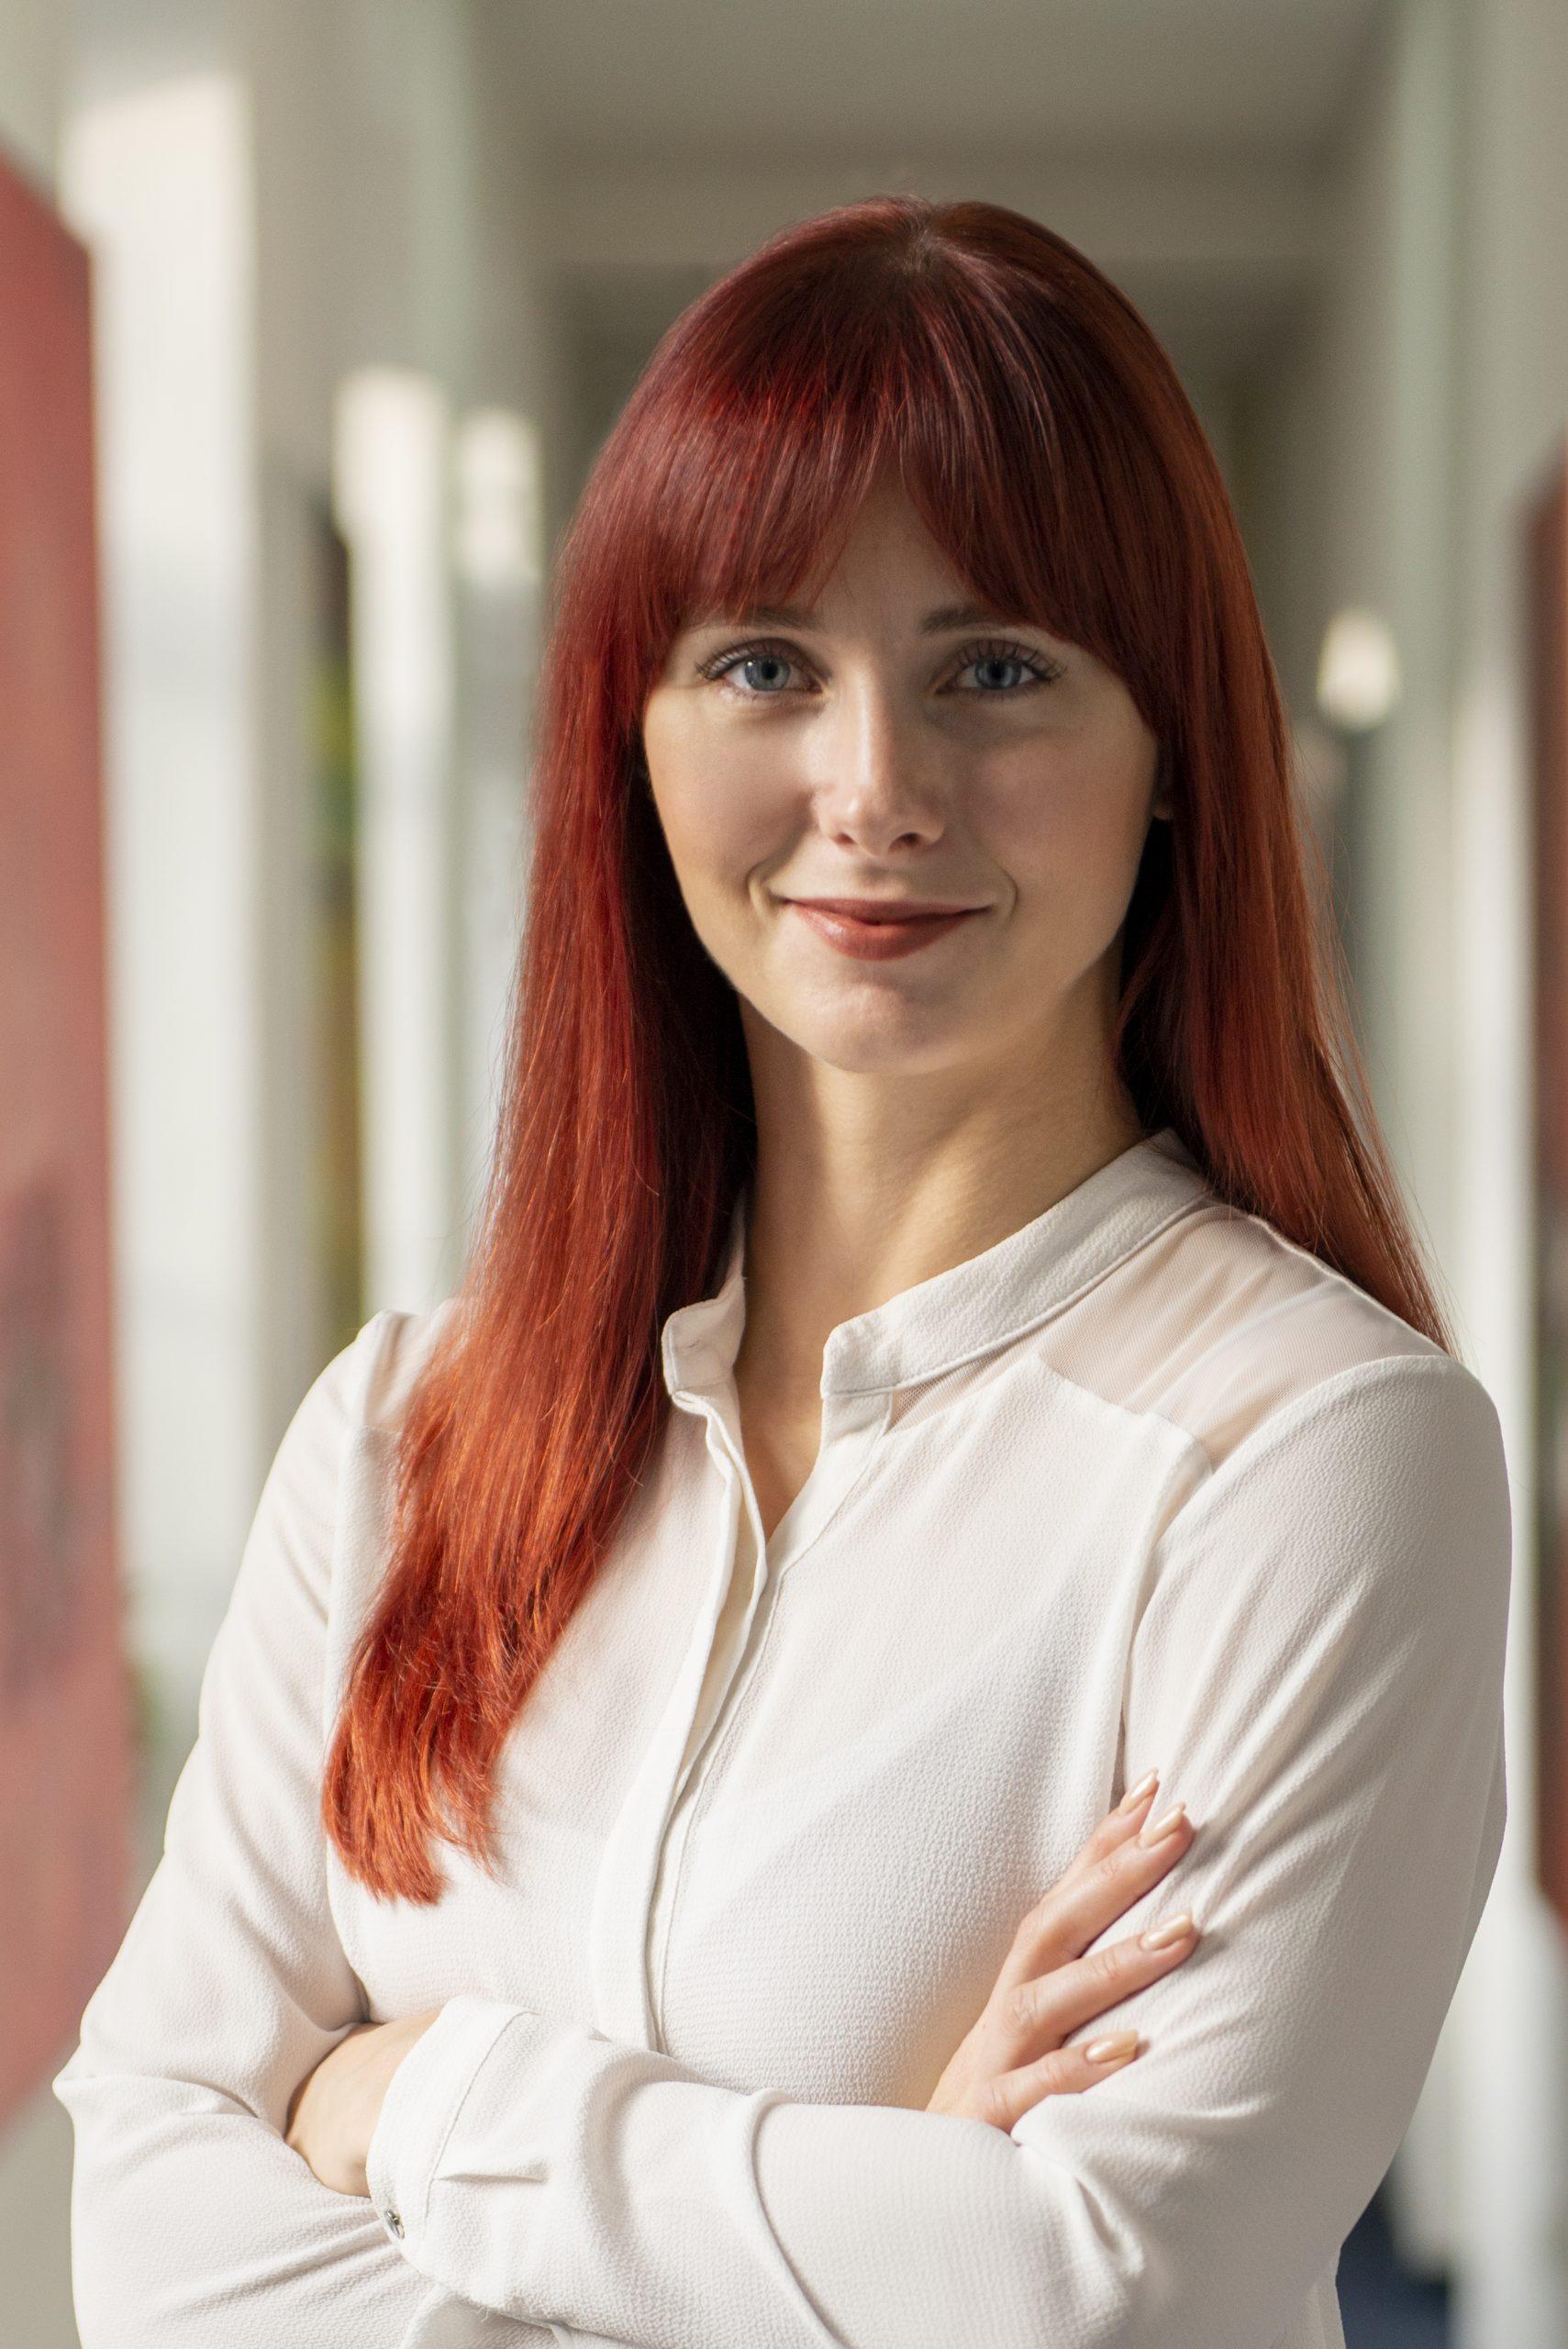 Andrea Spišiaková